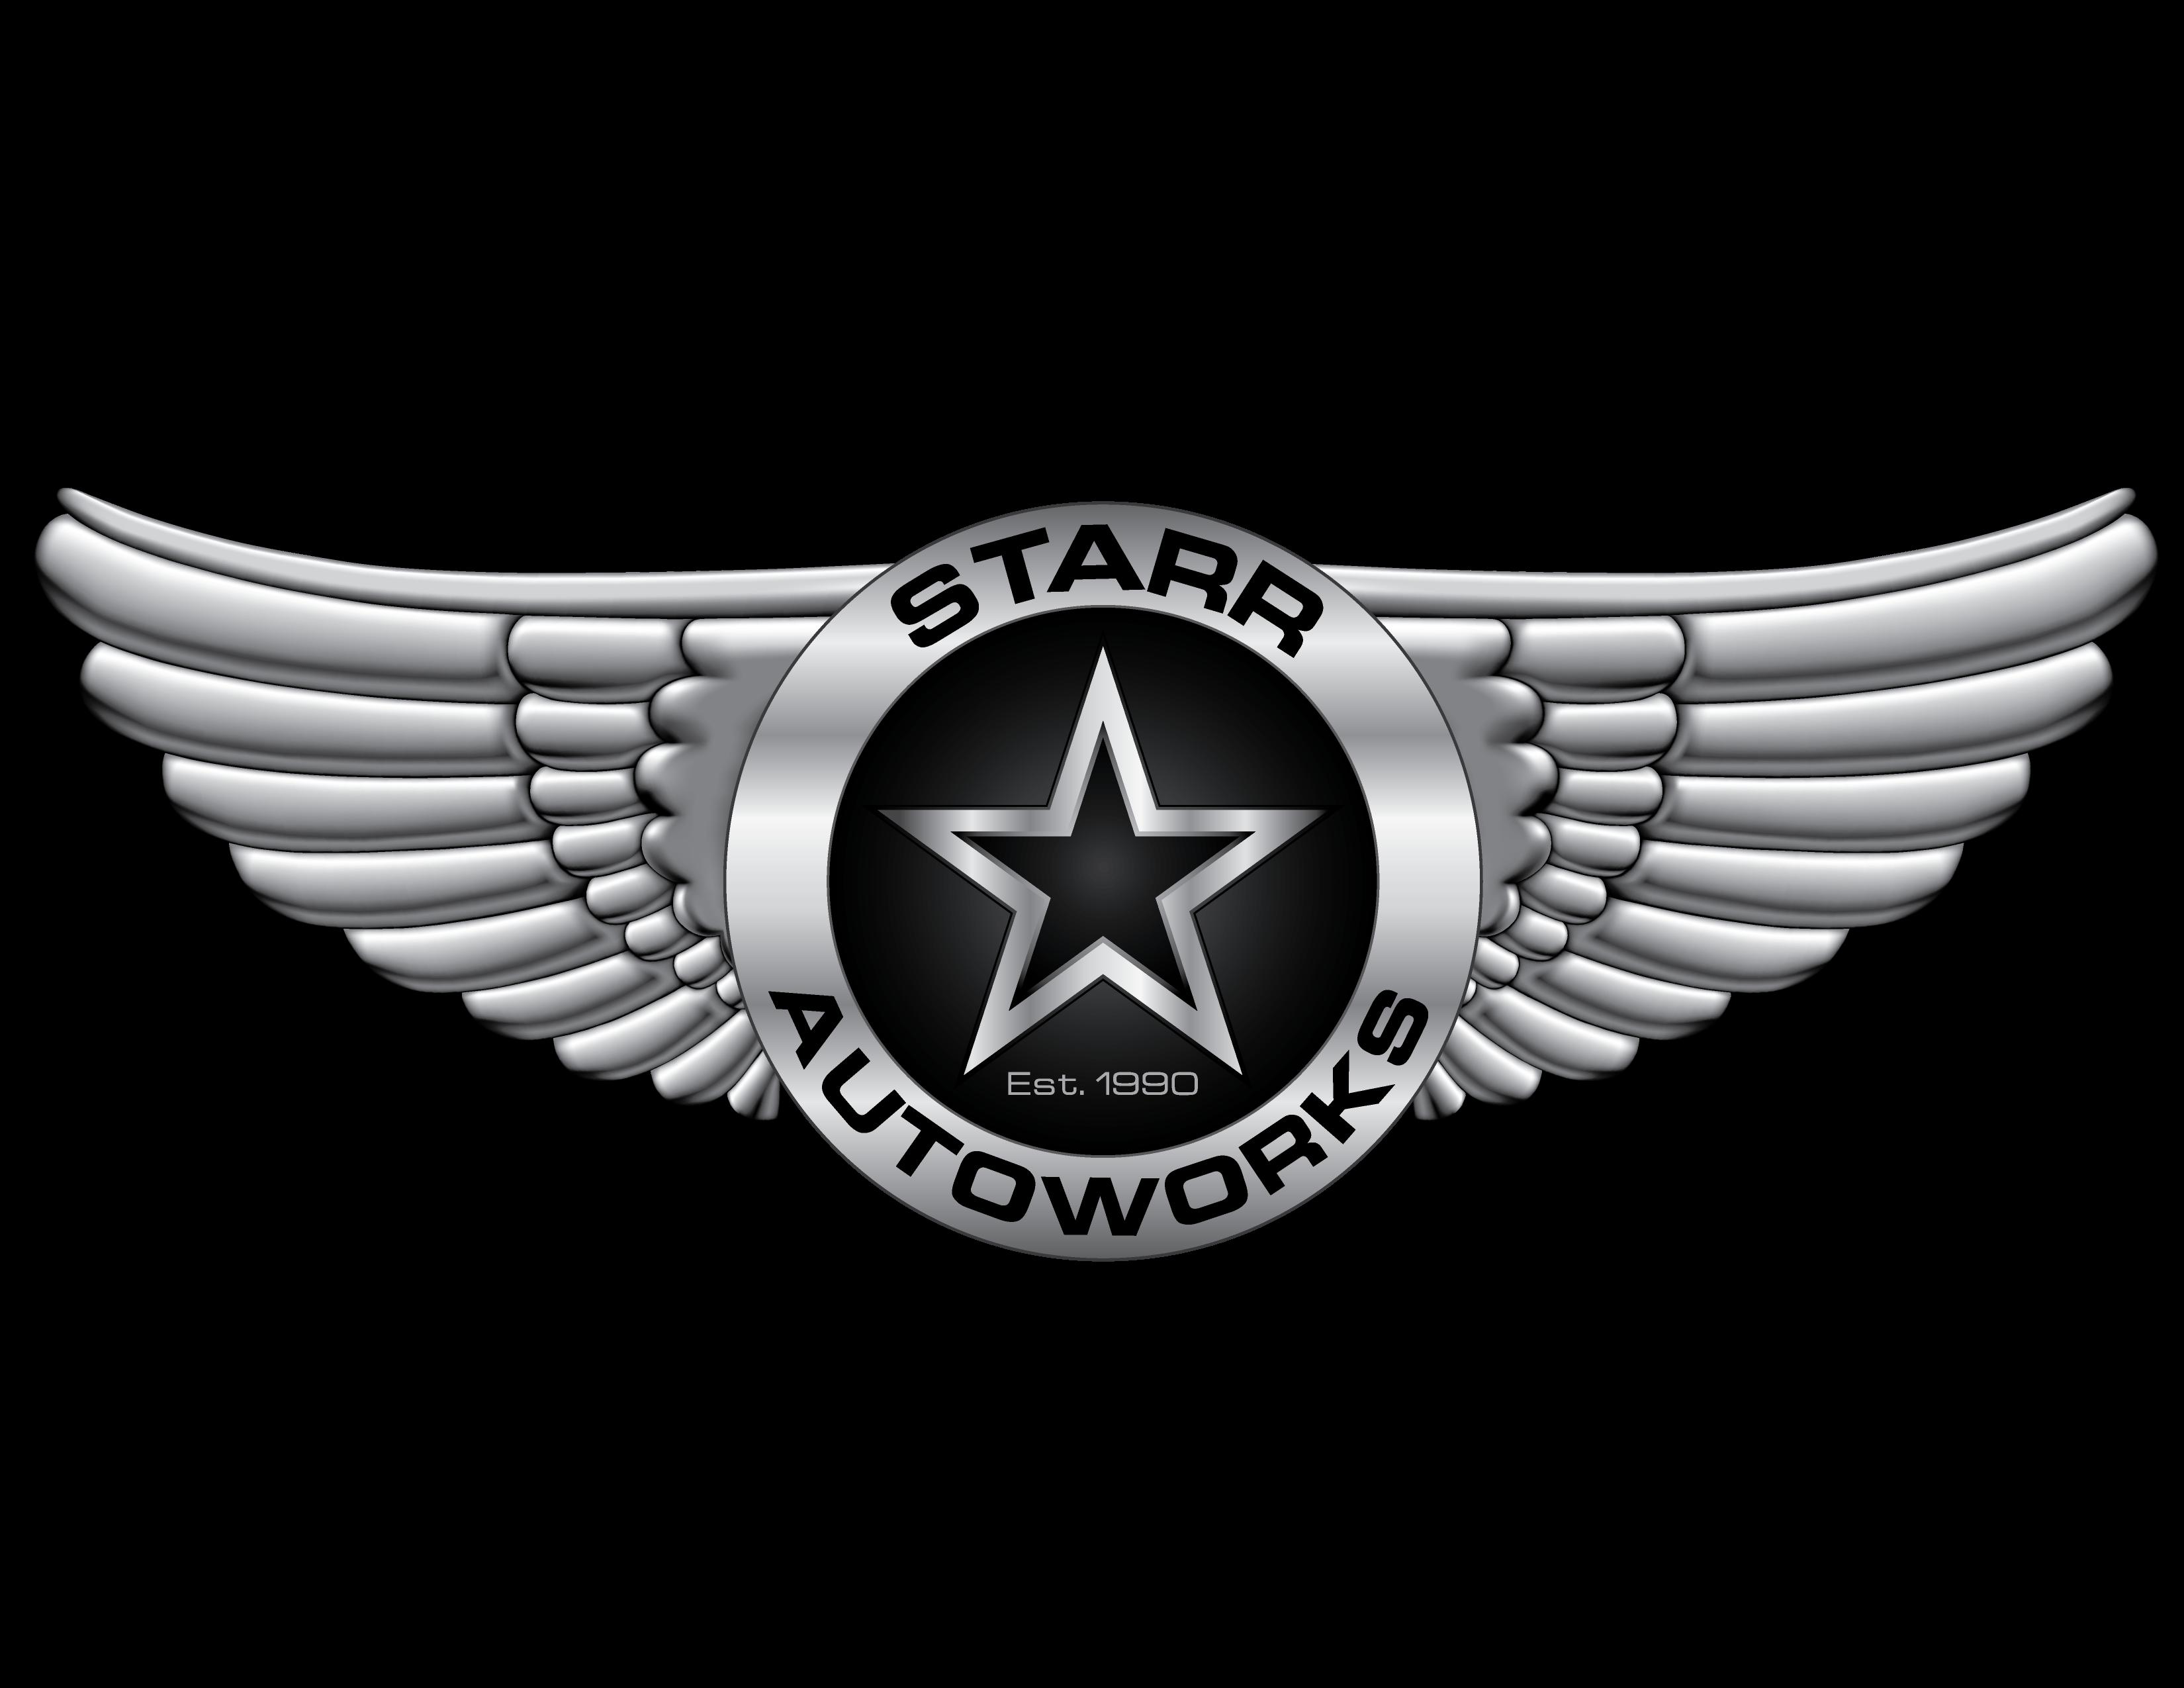 www.starrautoworks.com